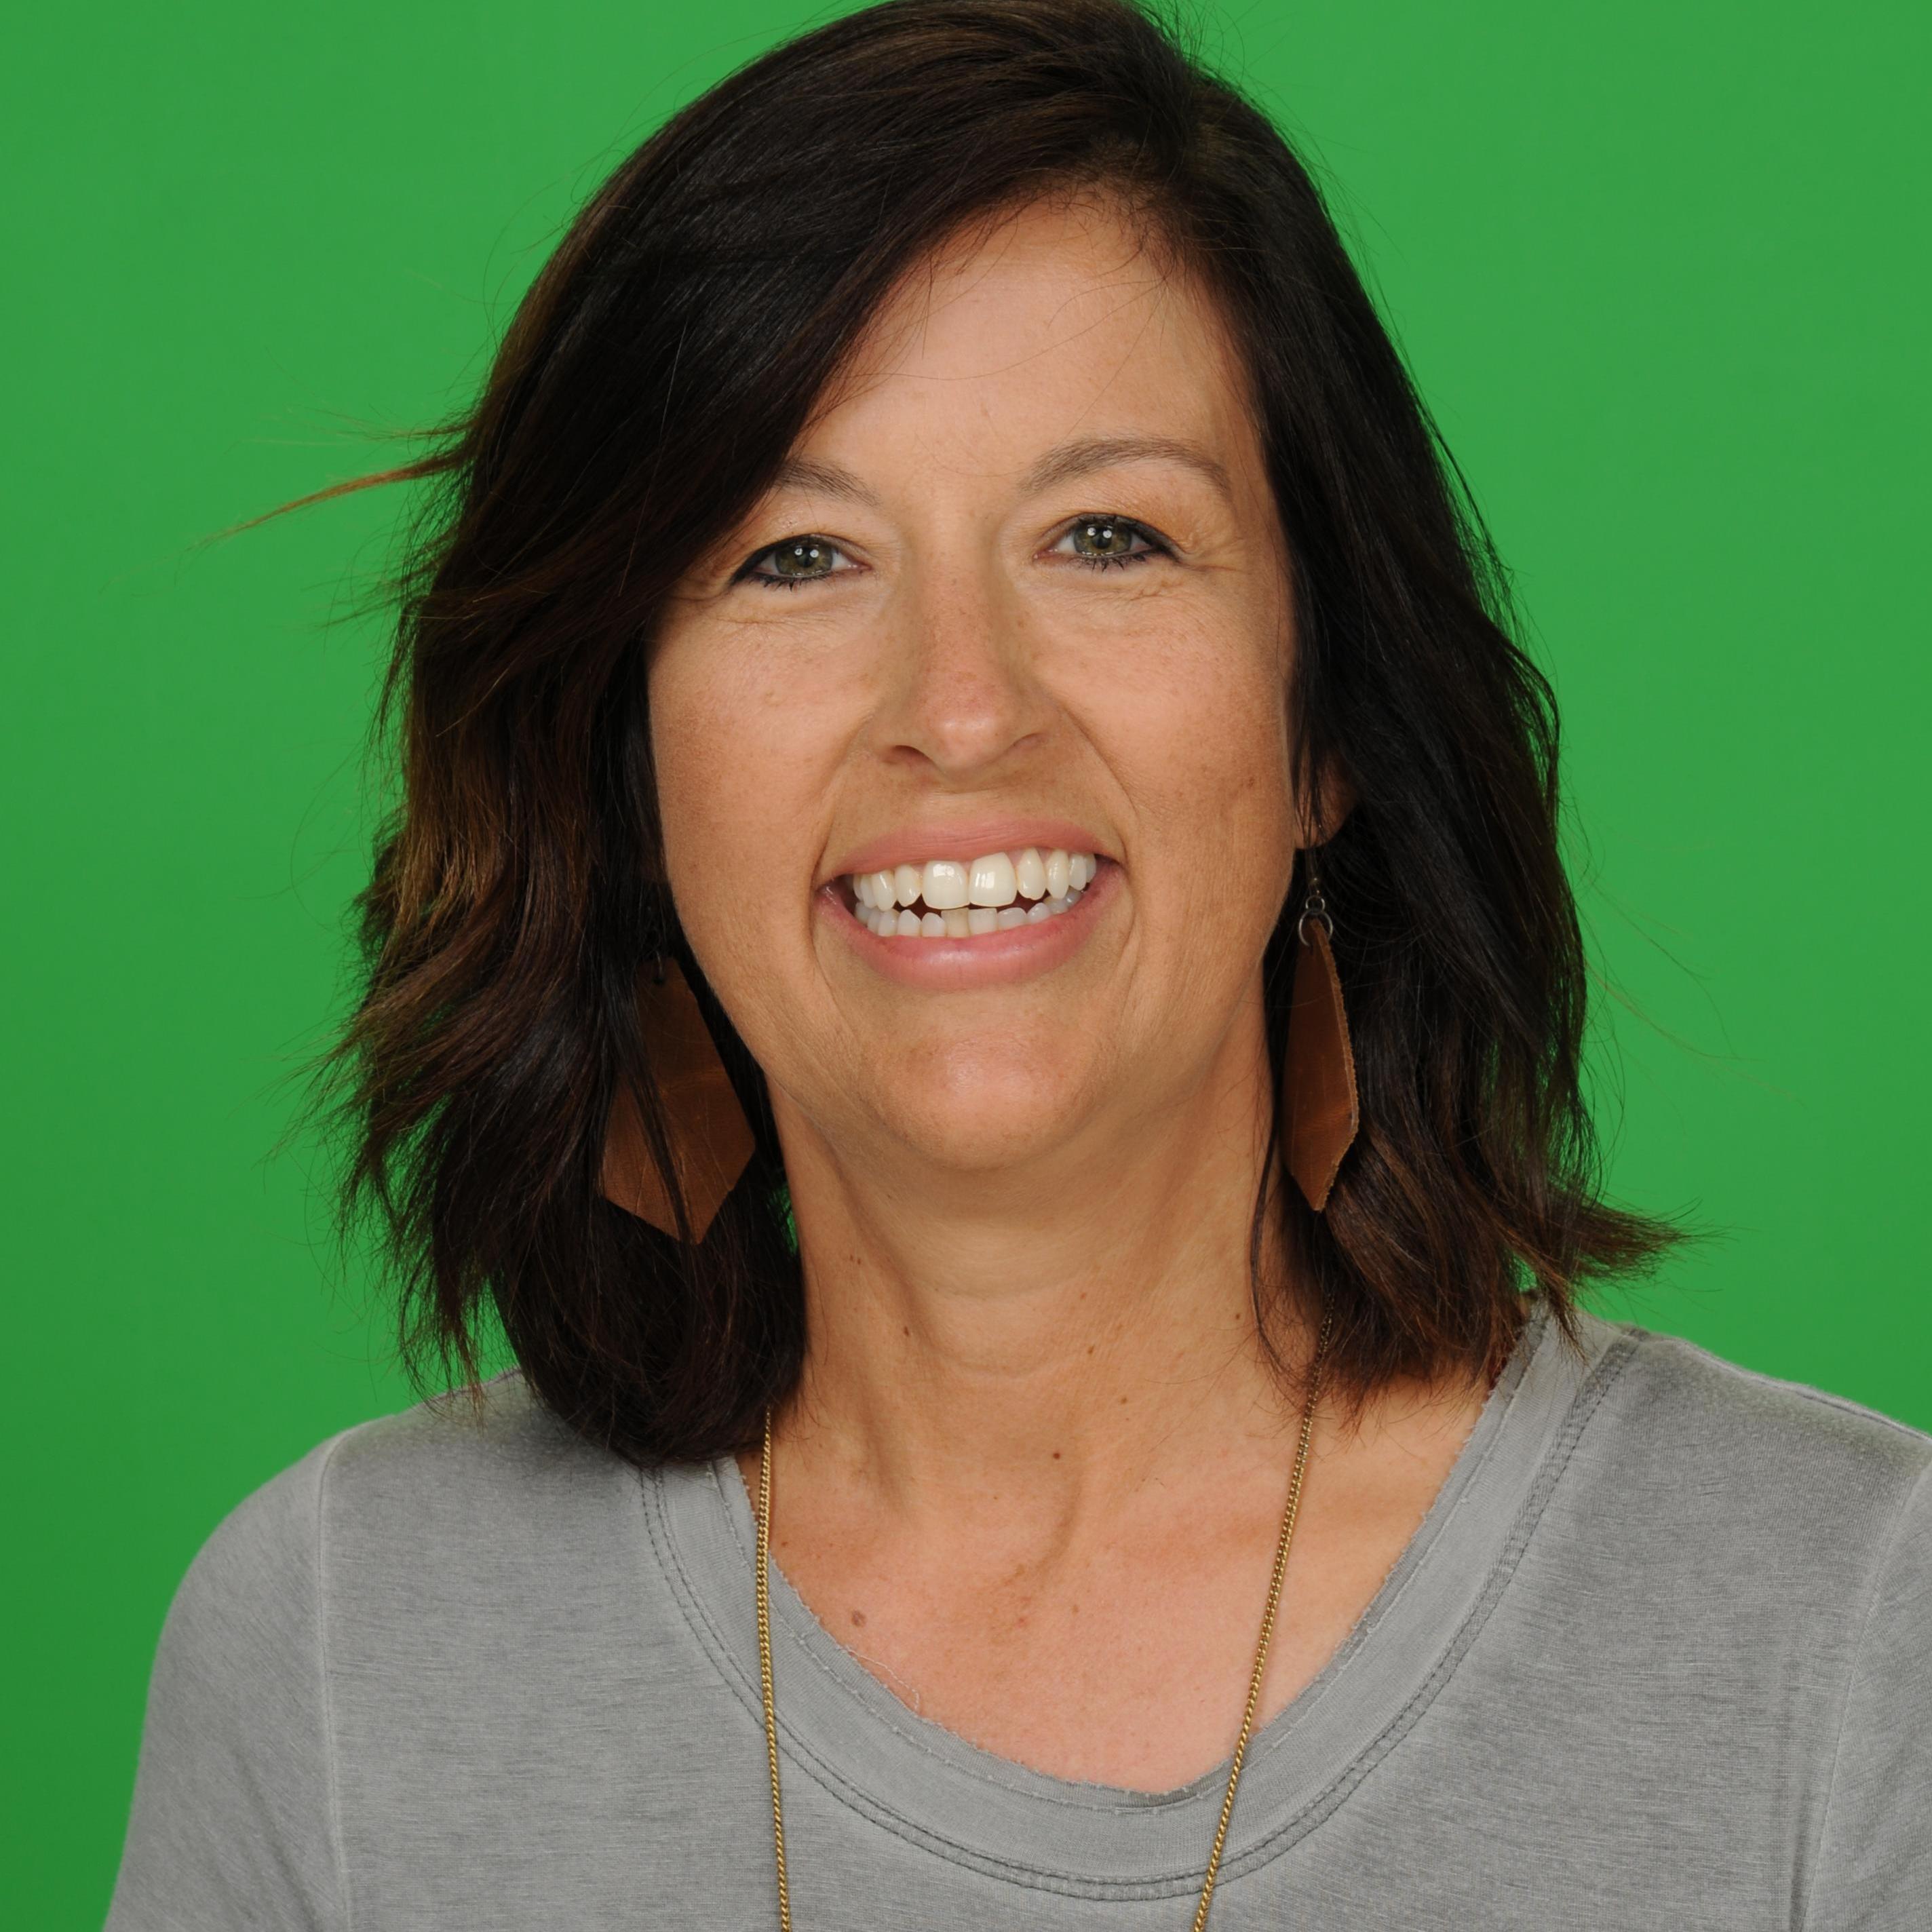 Kimberly Sweat's Profile Photo